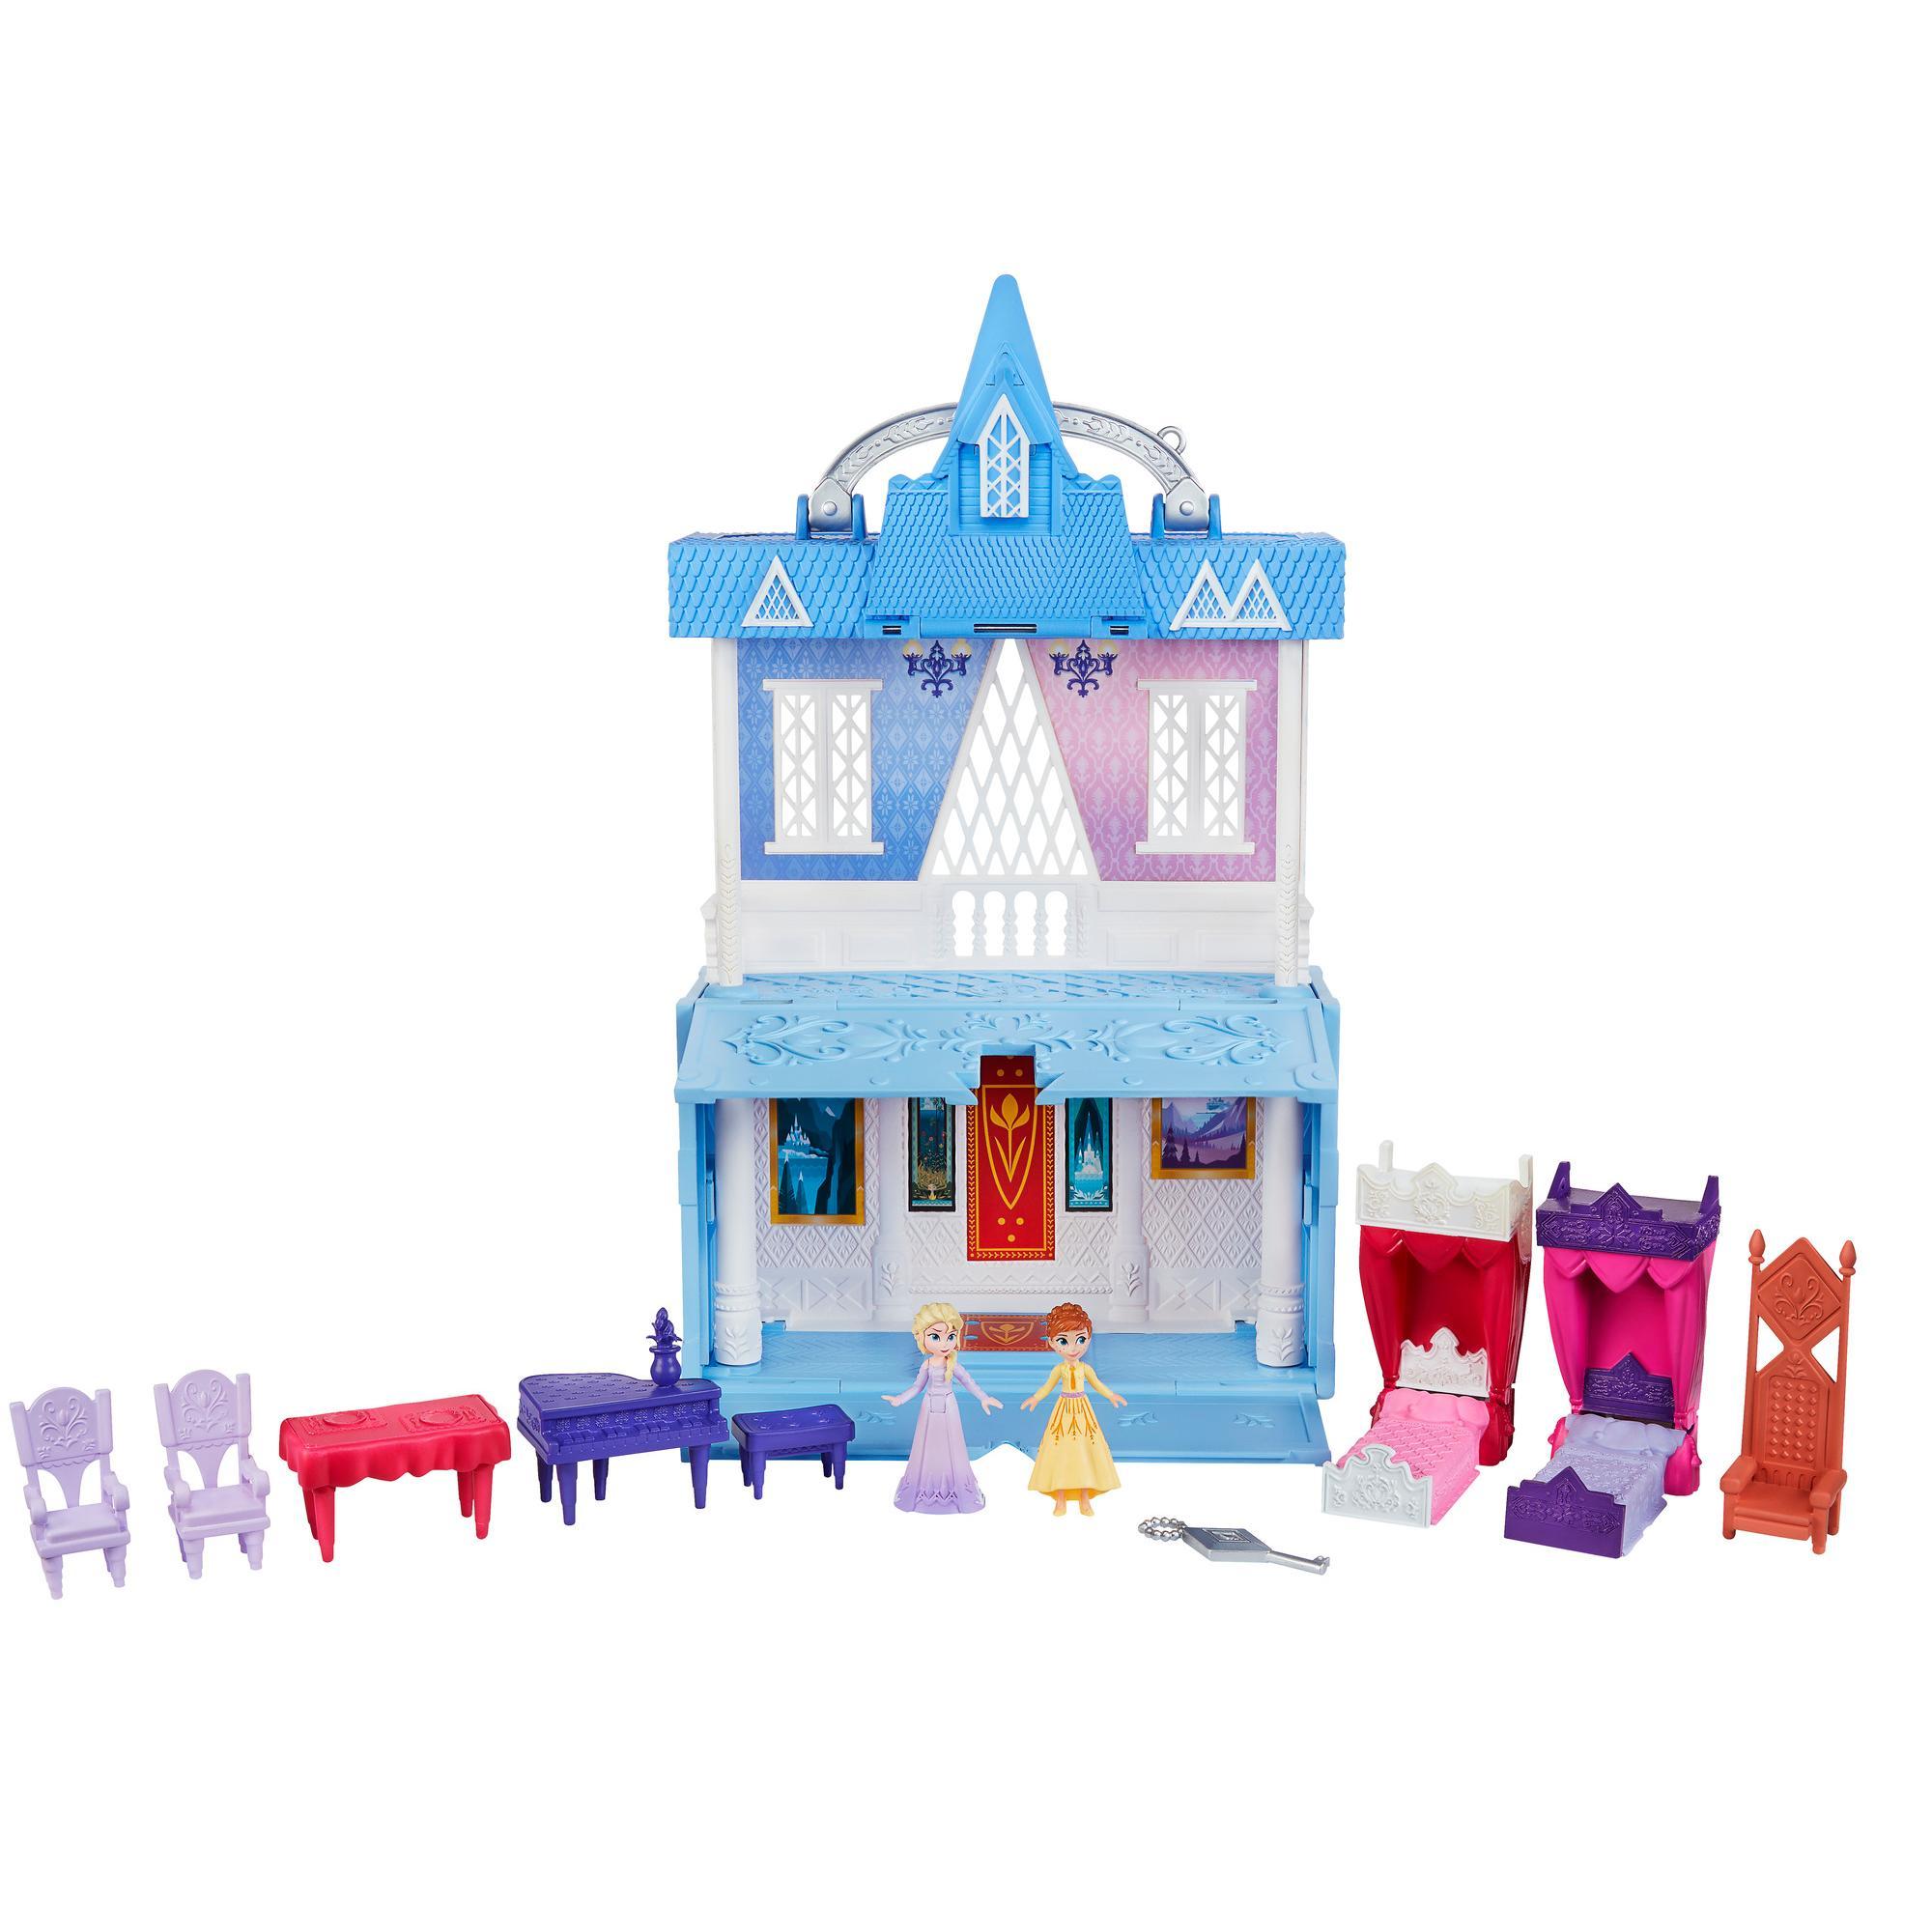 Disney Frozen Pop Adventures Arendelle Castle Playset With Handle